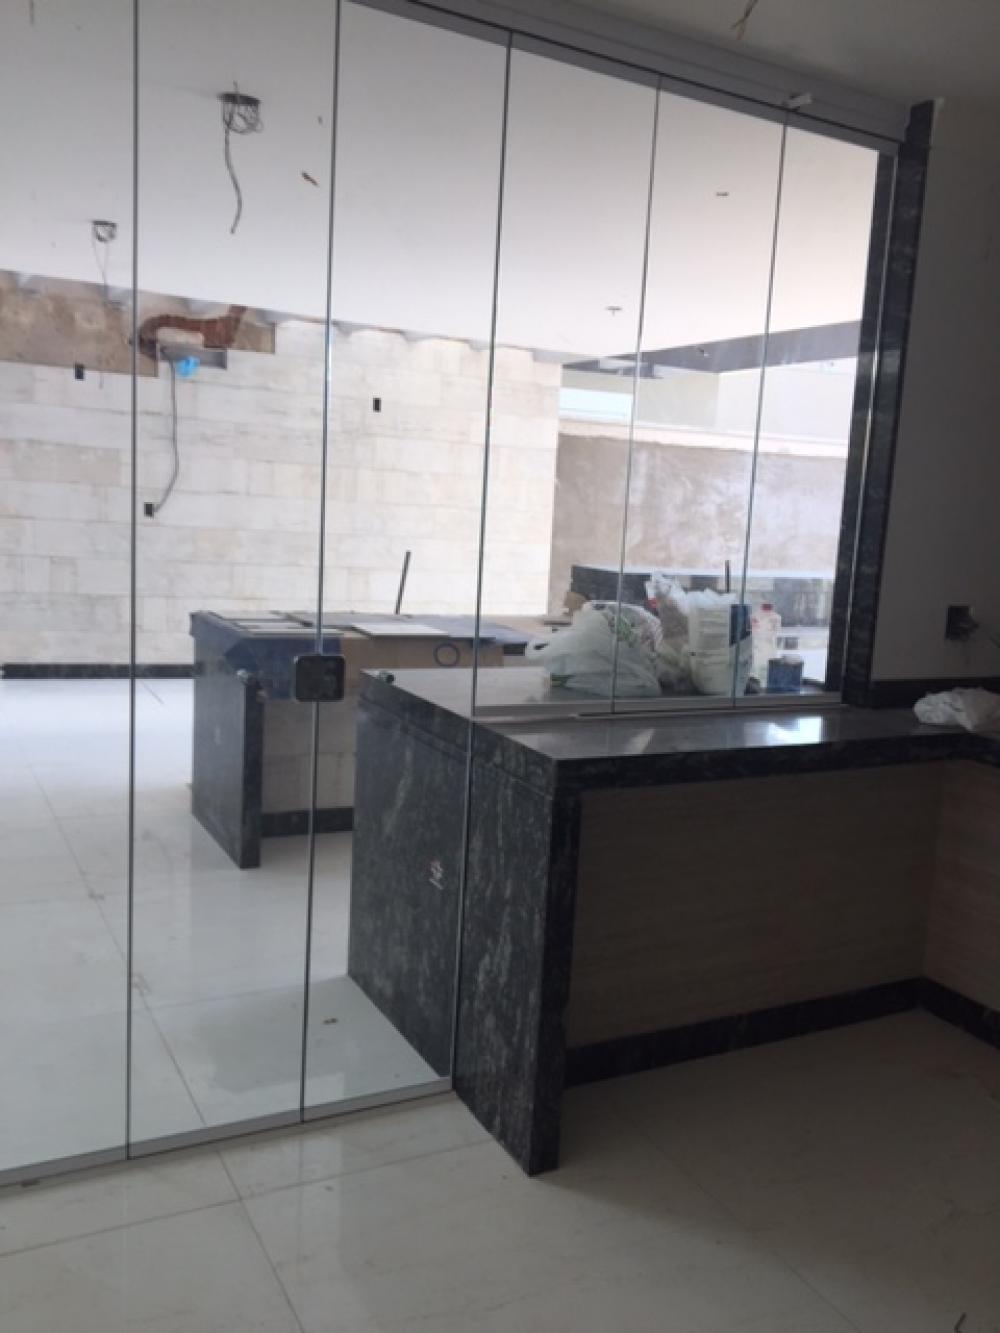 SAO JOSE DO RIO PRETO Casa Venda R$2.000.000,00 Condominio R$800,00 4 Dormitorios 1 Suite Area do terreno 492.00m2 Area construida 350.00m2